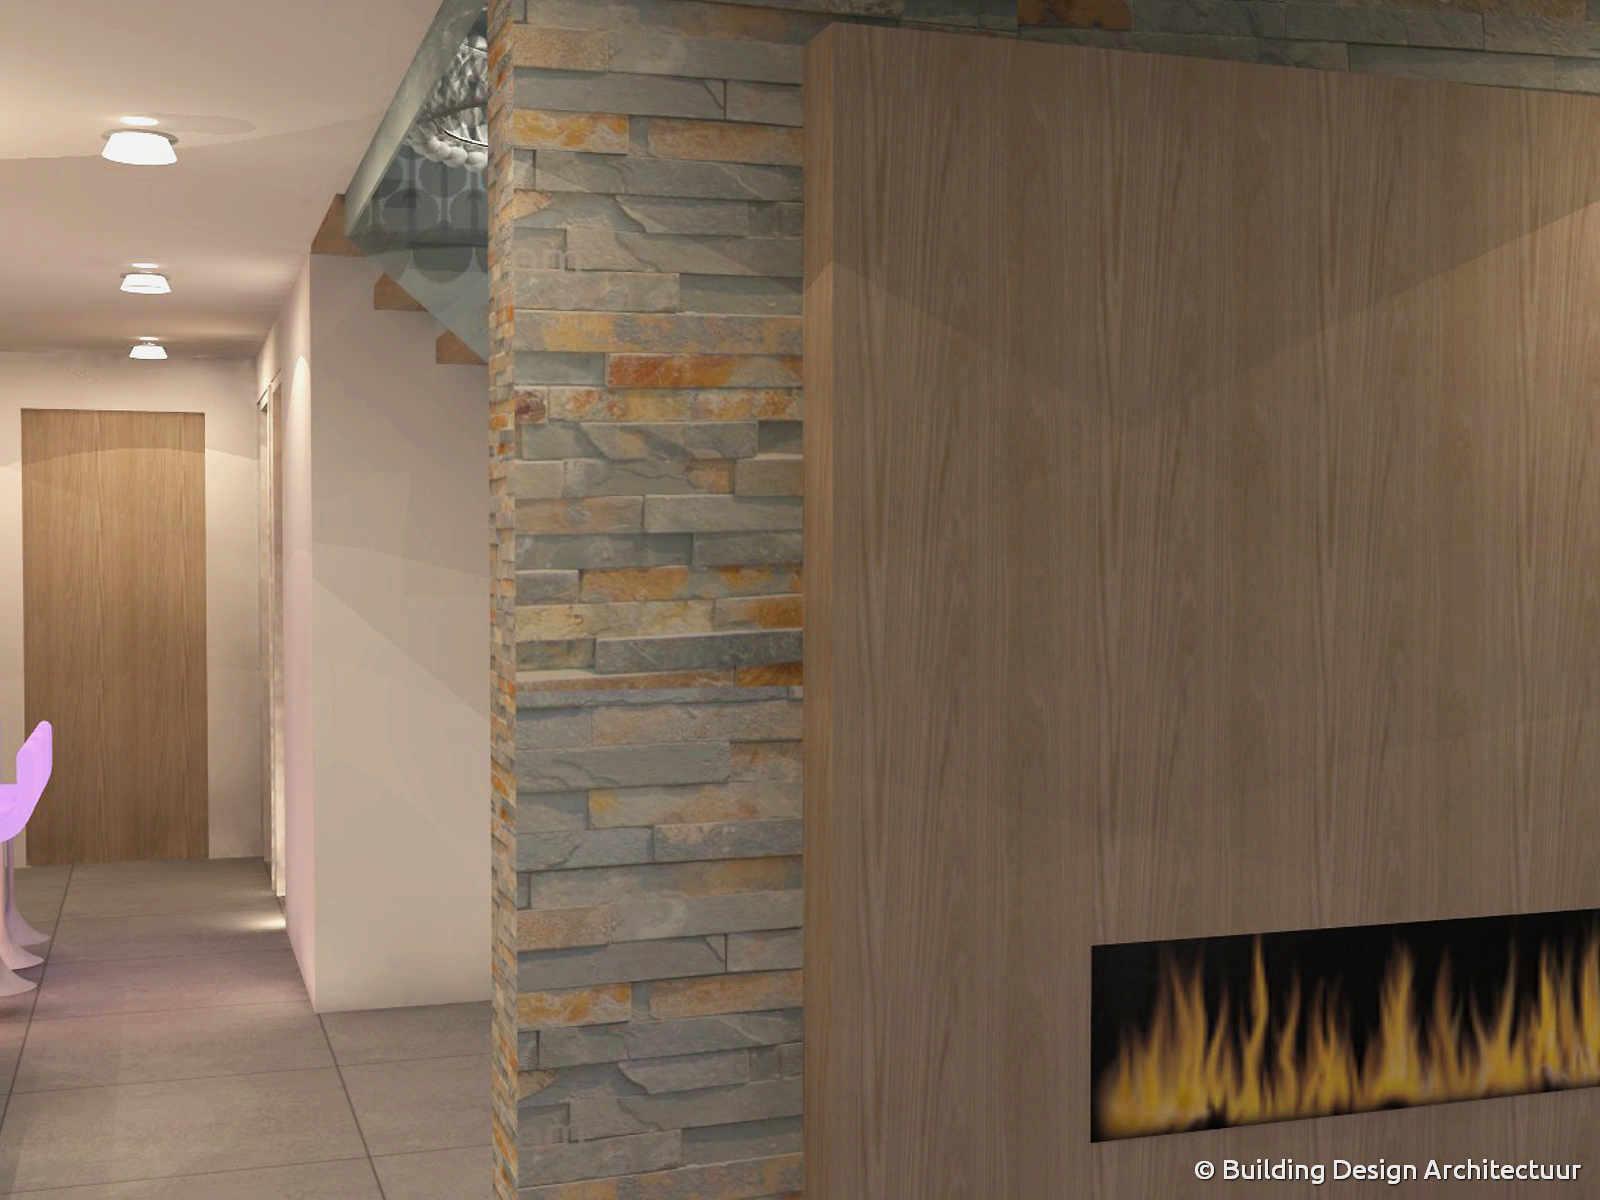 https://s3-eu-west-1.amazonaws.com/building-design/projecten/0803_12-135_schoonheidssalon_daarleveen_L1.jpg